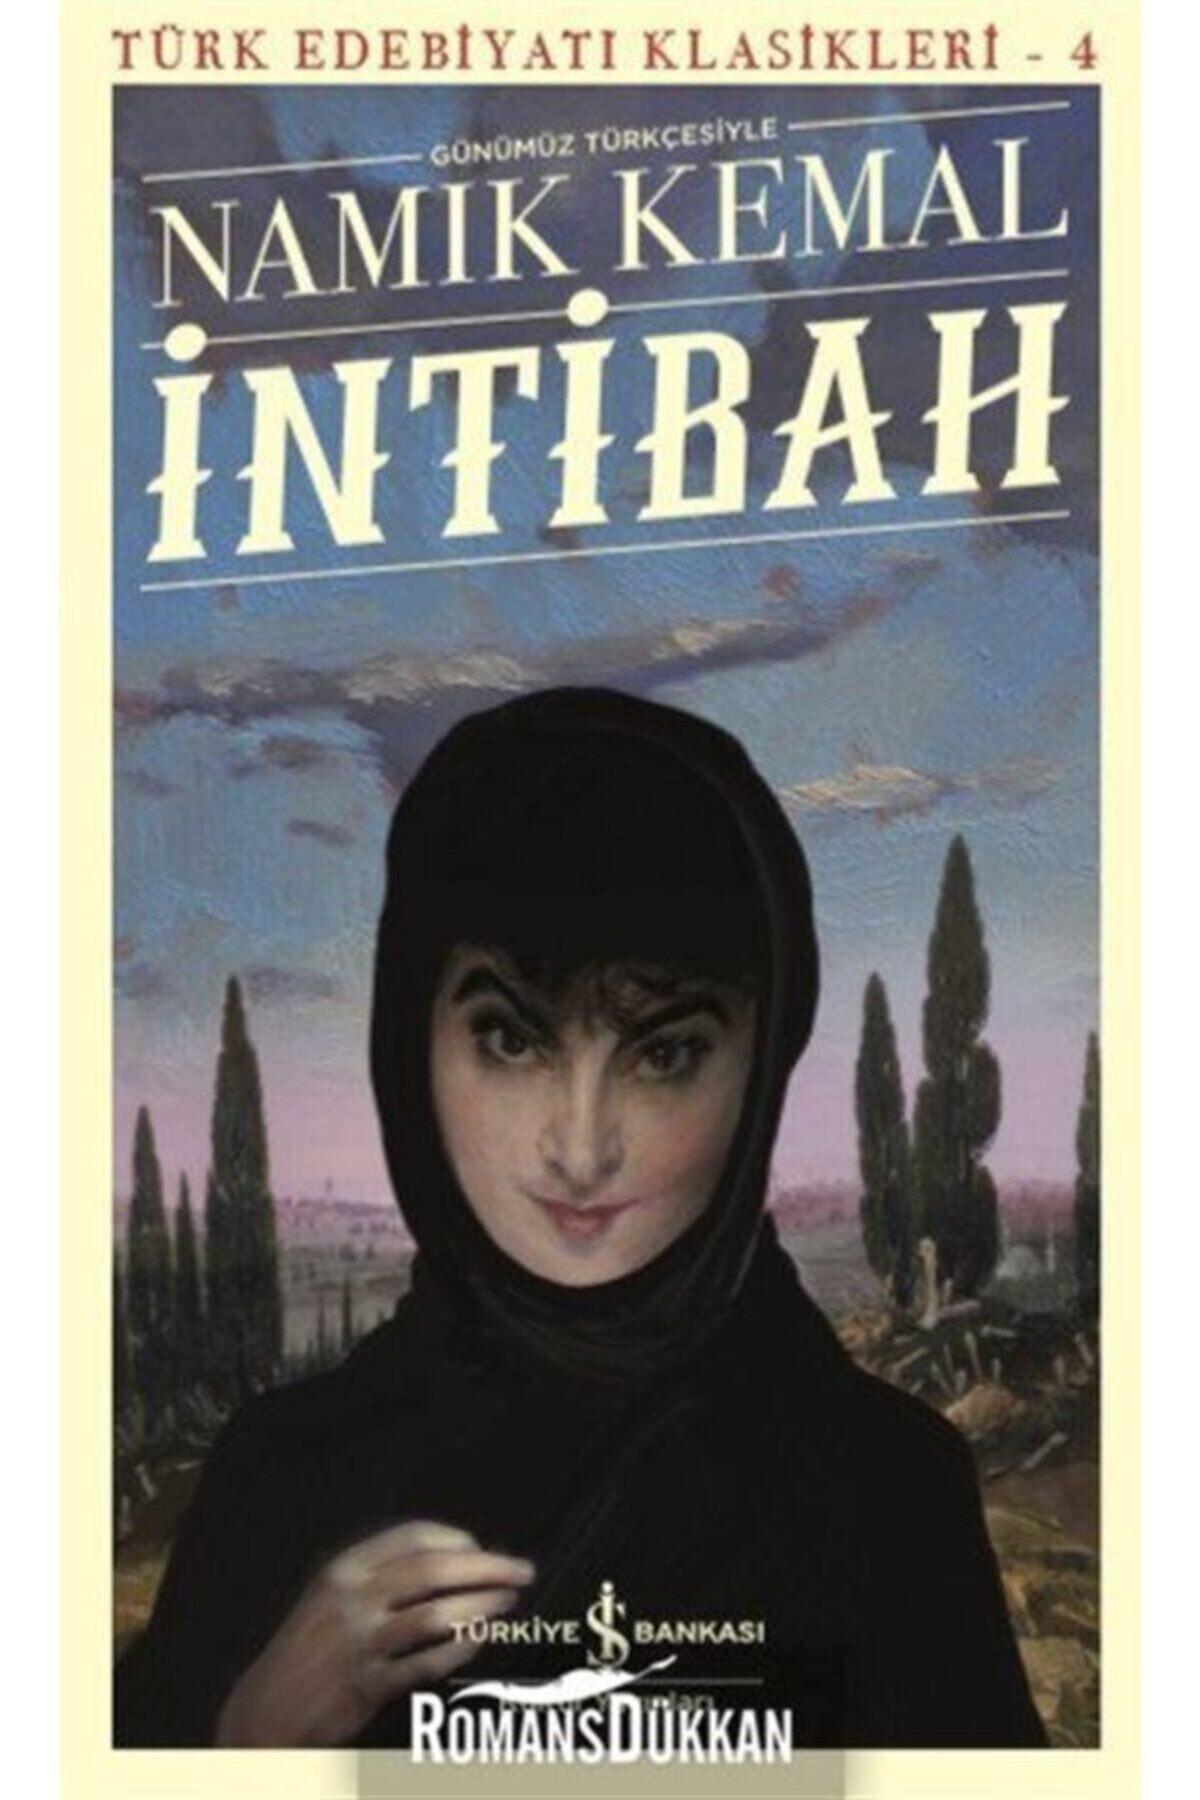 TÜRKİYE İŞ BANKASI KÜLTÜR YAYINLARI Intibah-türk Edebiyatı Klasikleri 4 1